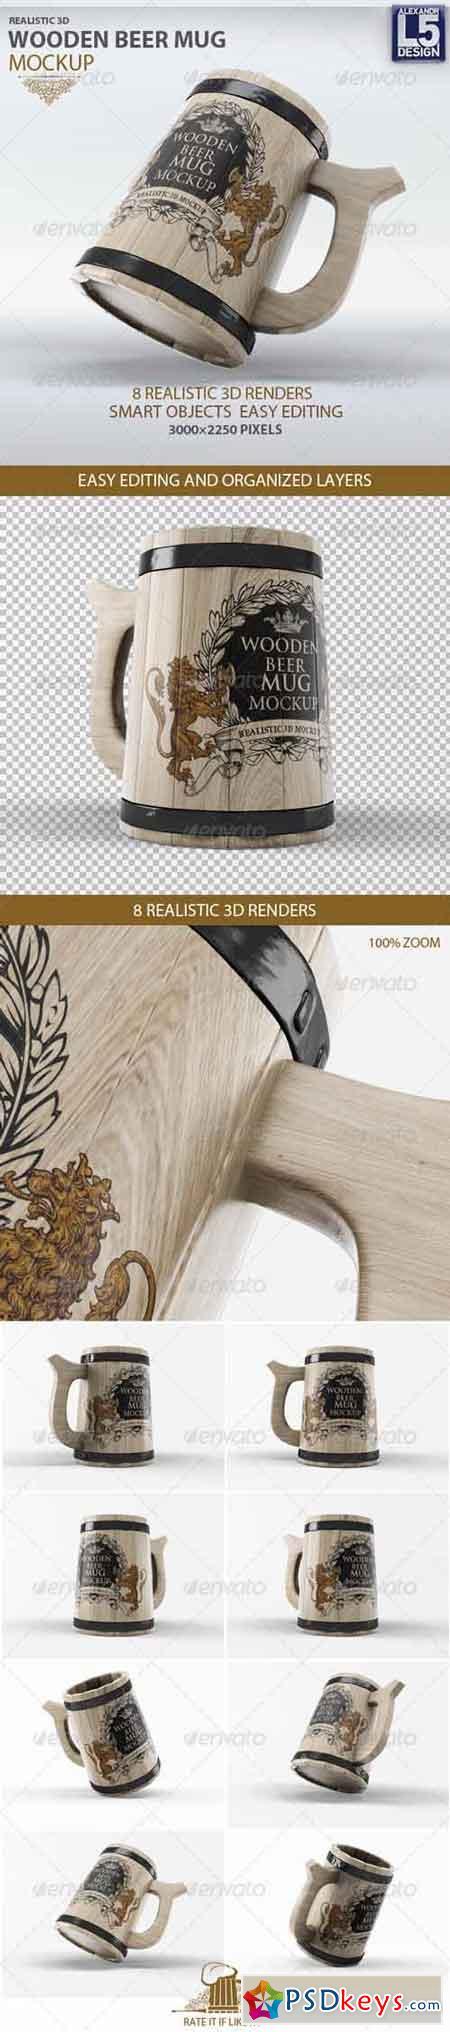 Wooden Beer Mug Mock-Up 8435828